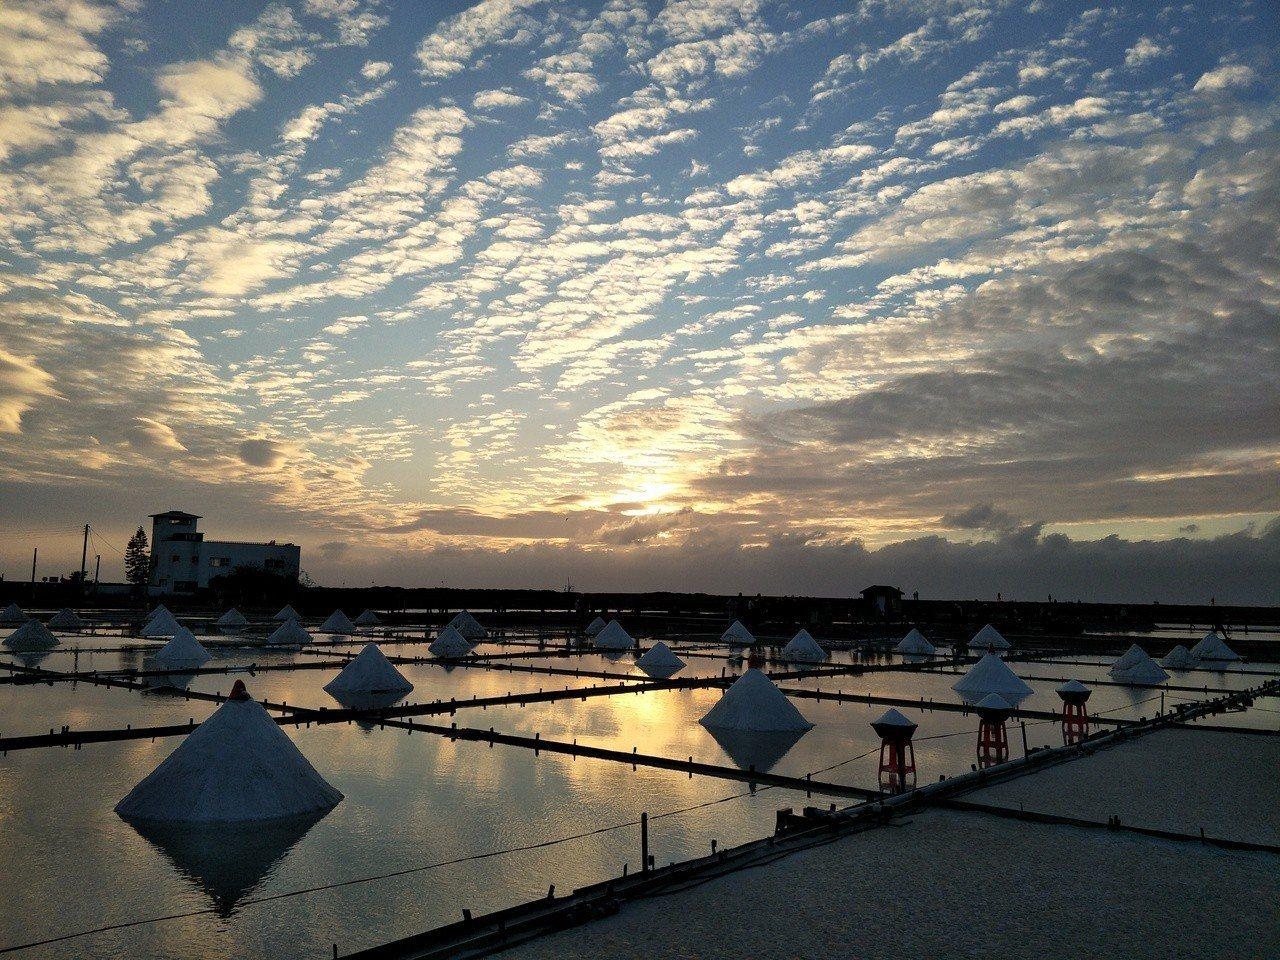 台南北門井仔田鹽田夕陽美景,天空的雲彩更搶眼。記者謝進盛/攝影